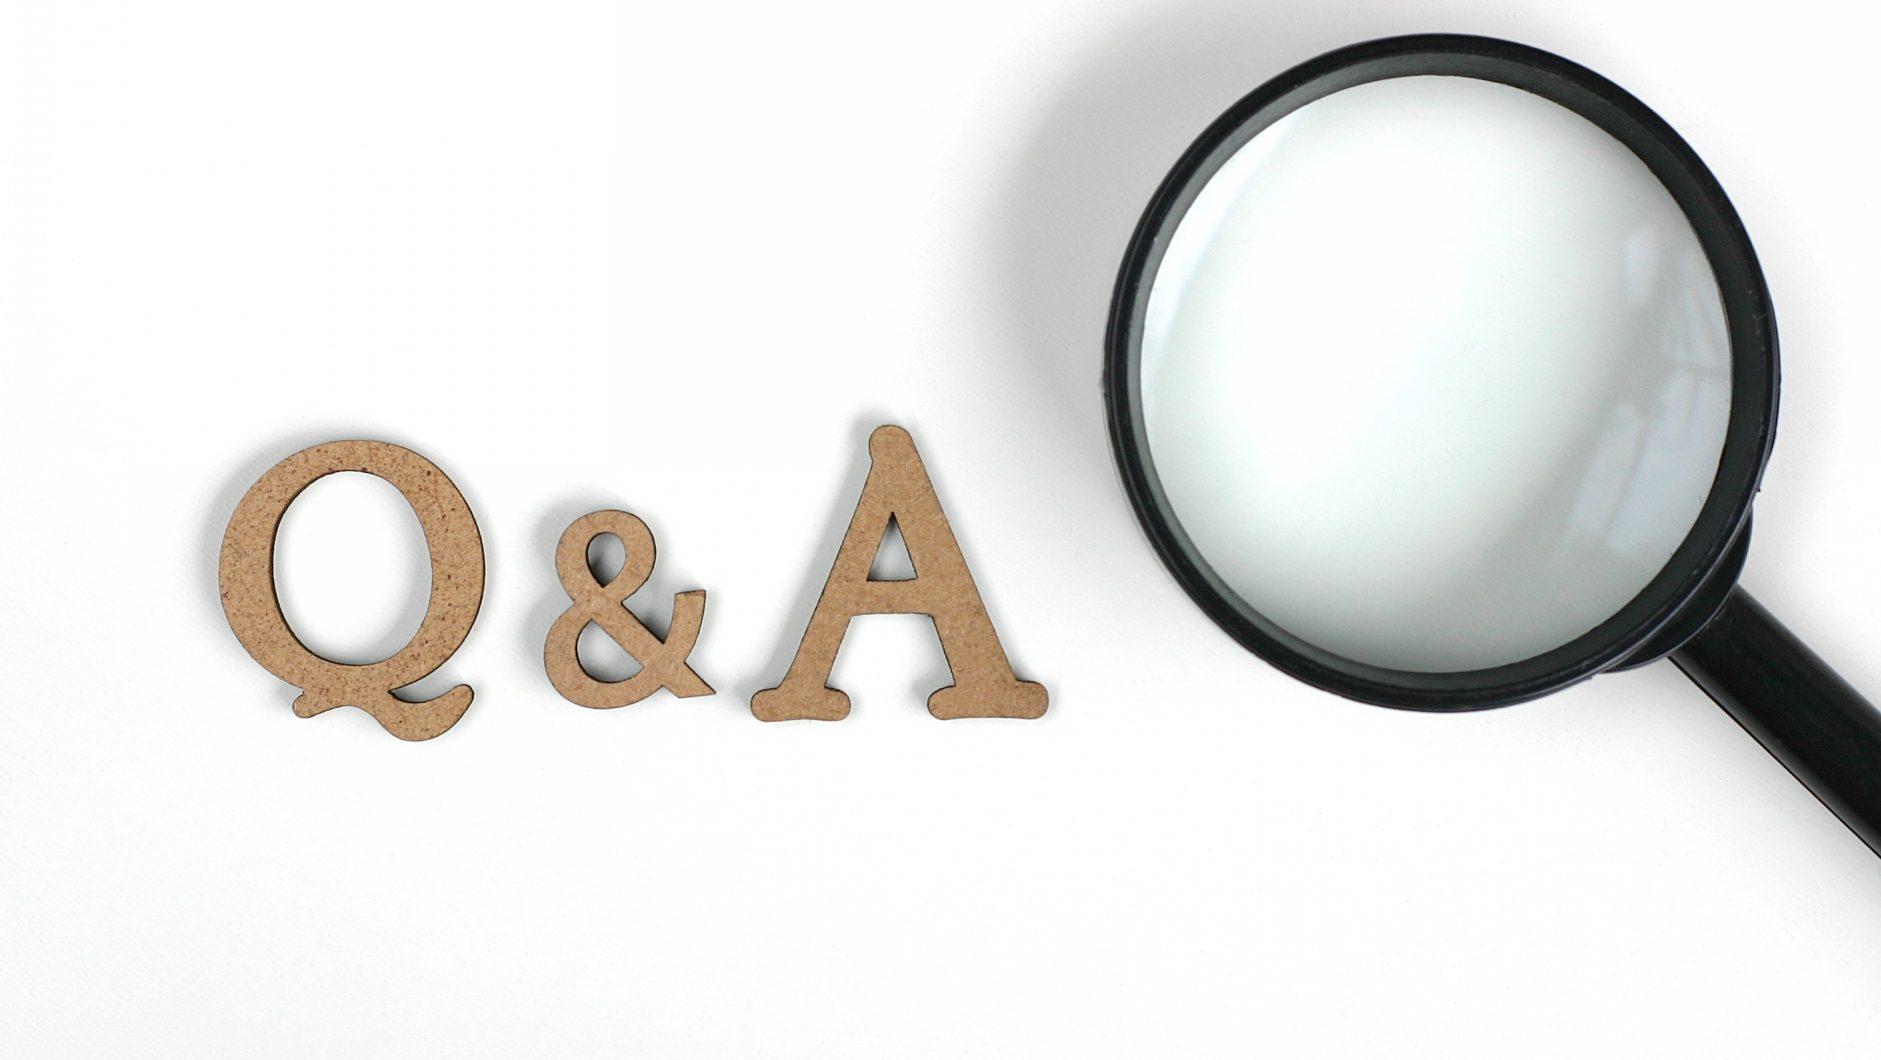 Q &A 虫眼鏡